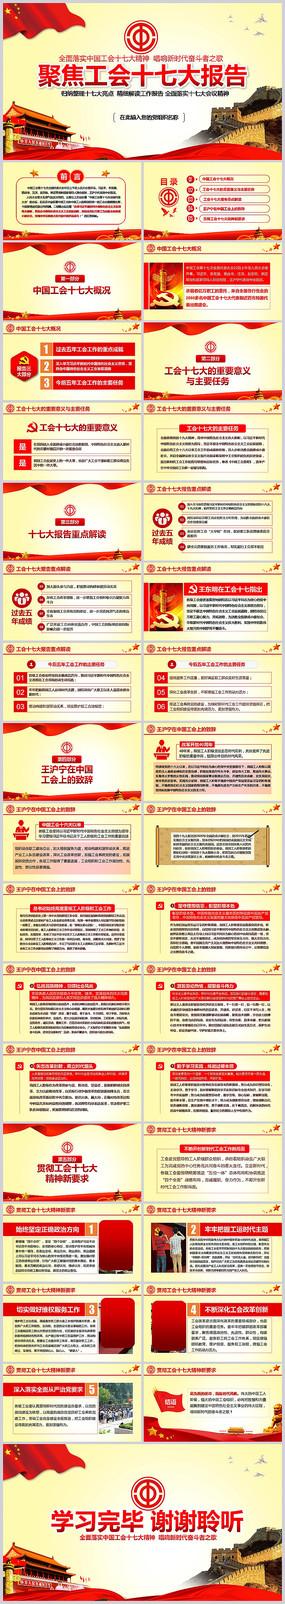 解读中国工会十七大报告PPT pptx